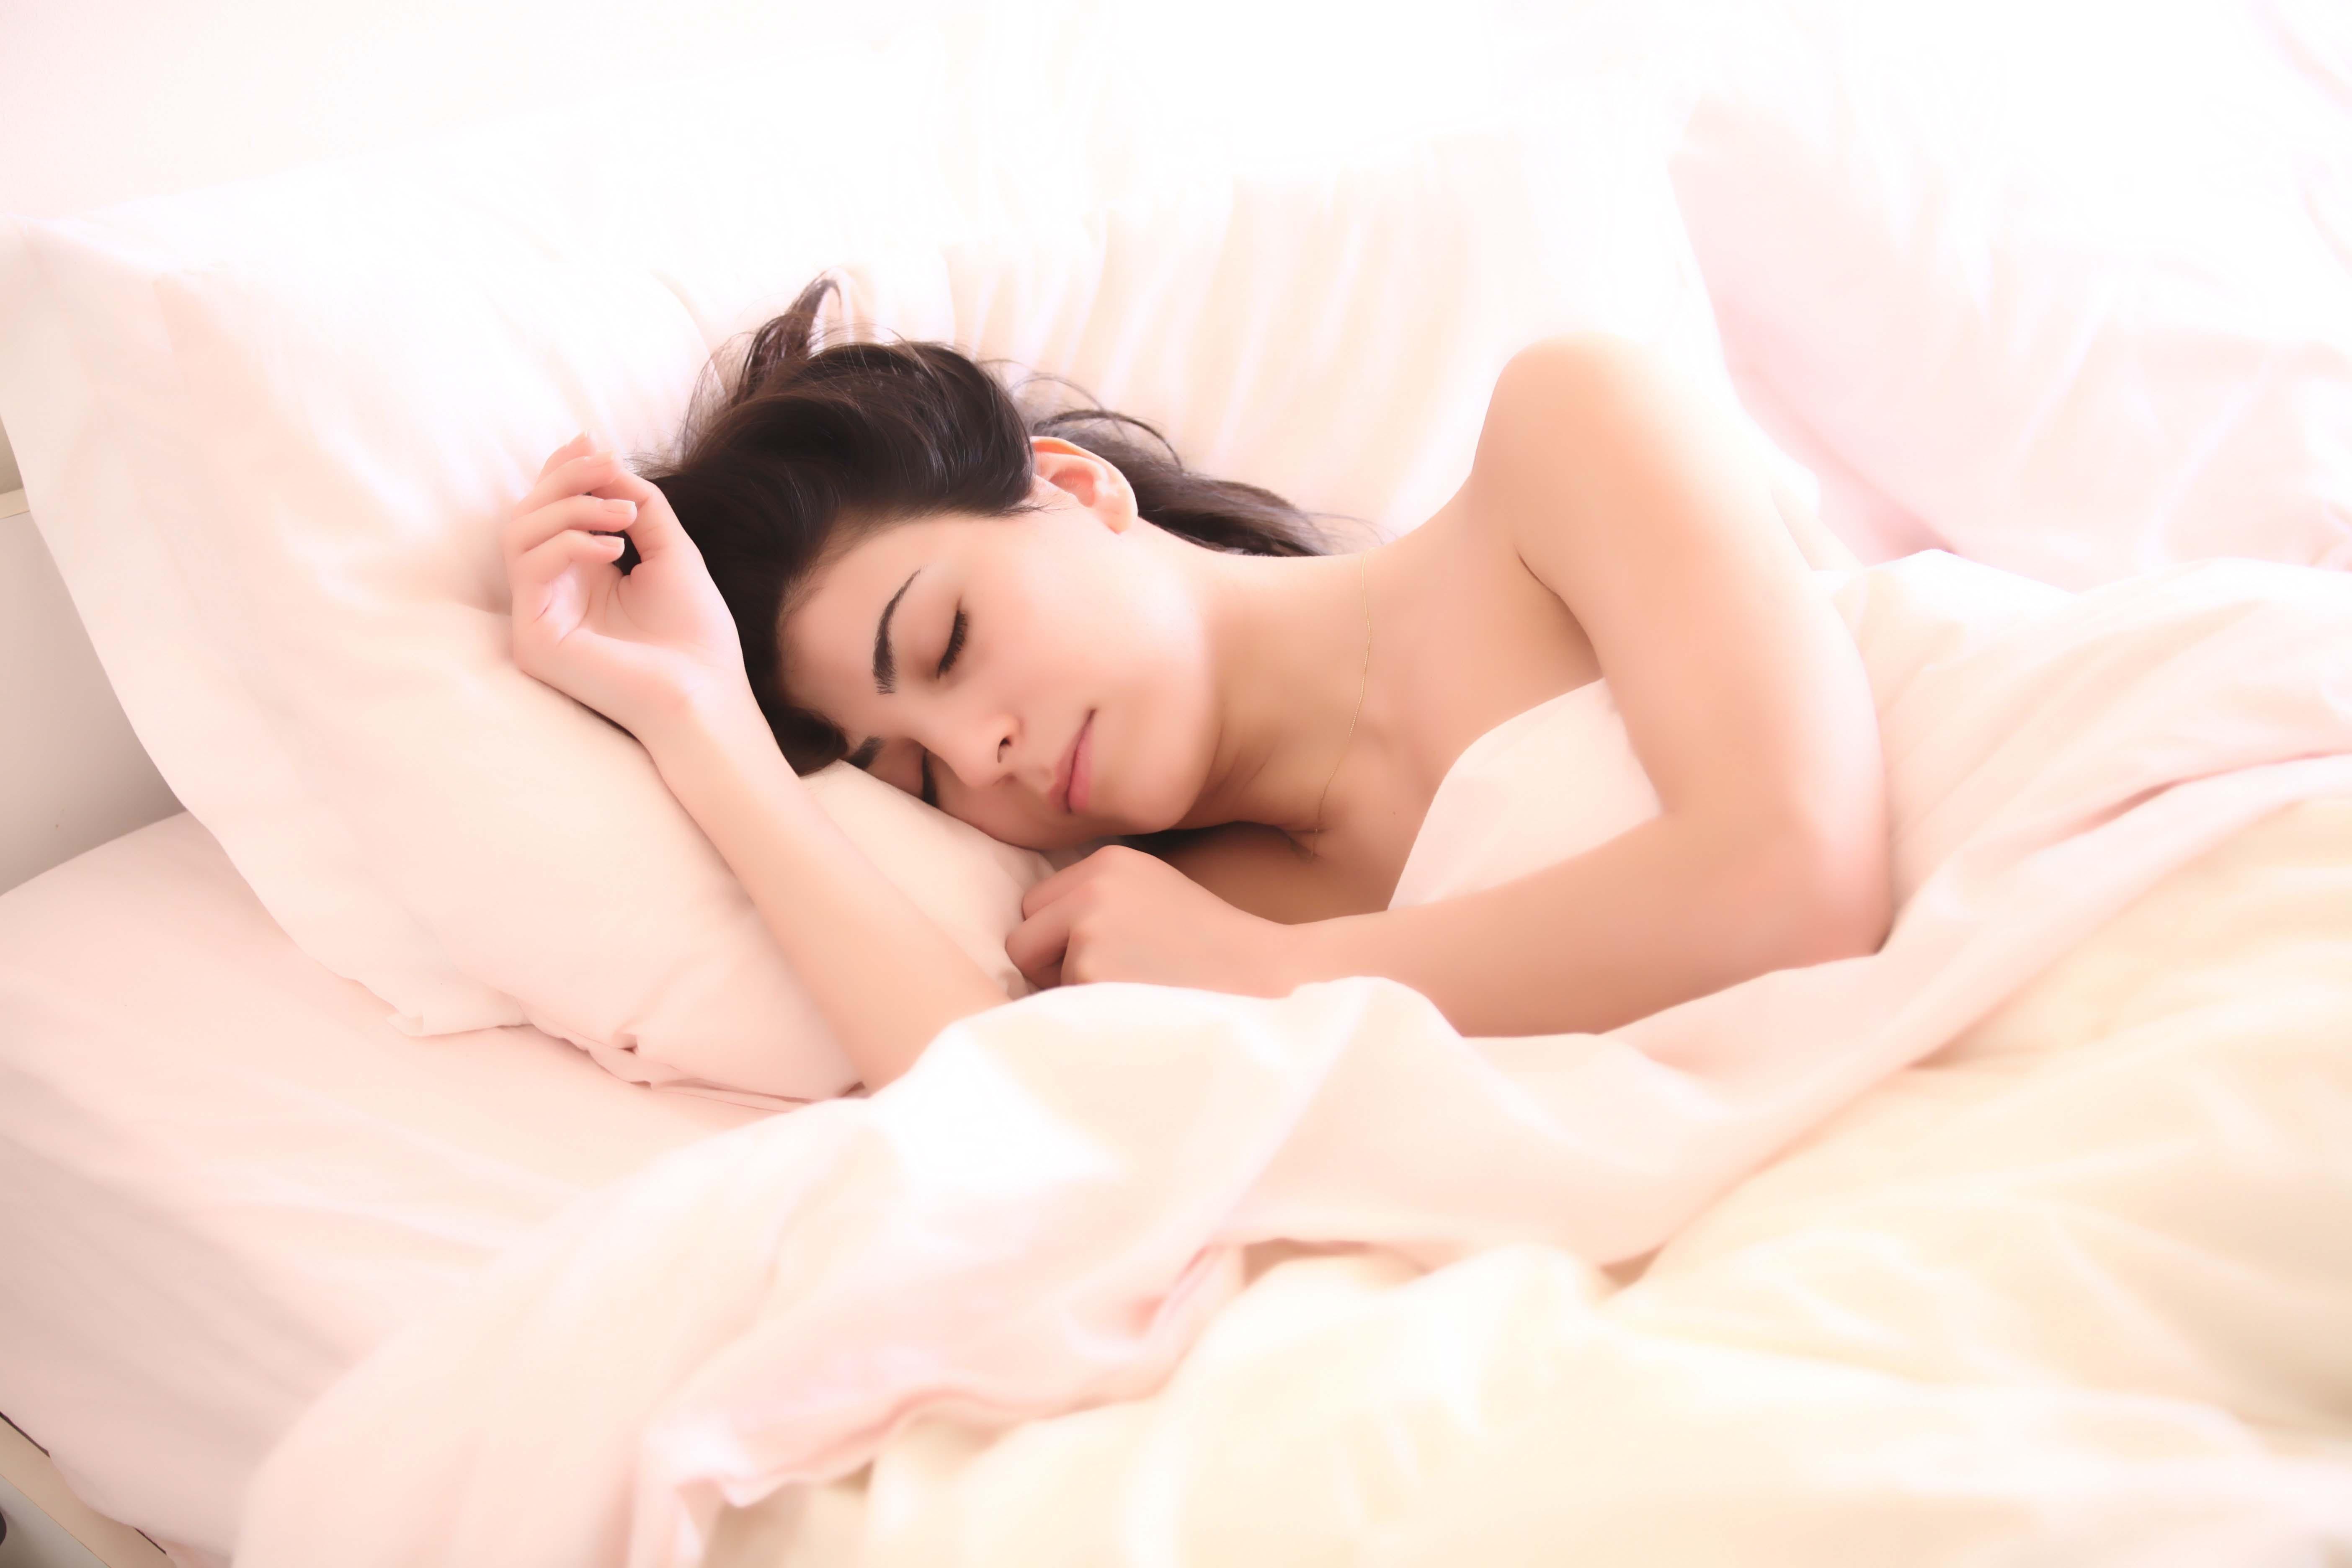 đi ngủ sớm giúp phòng tránh ung thư vú